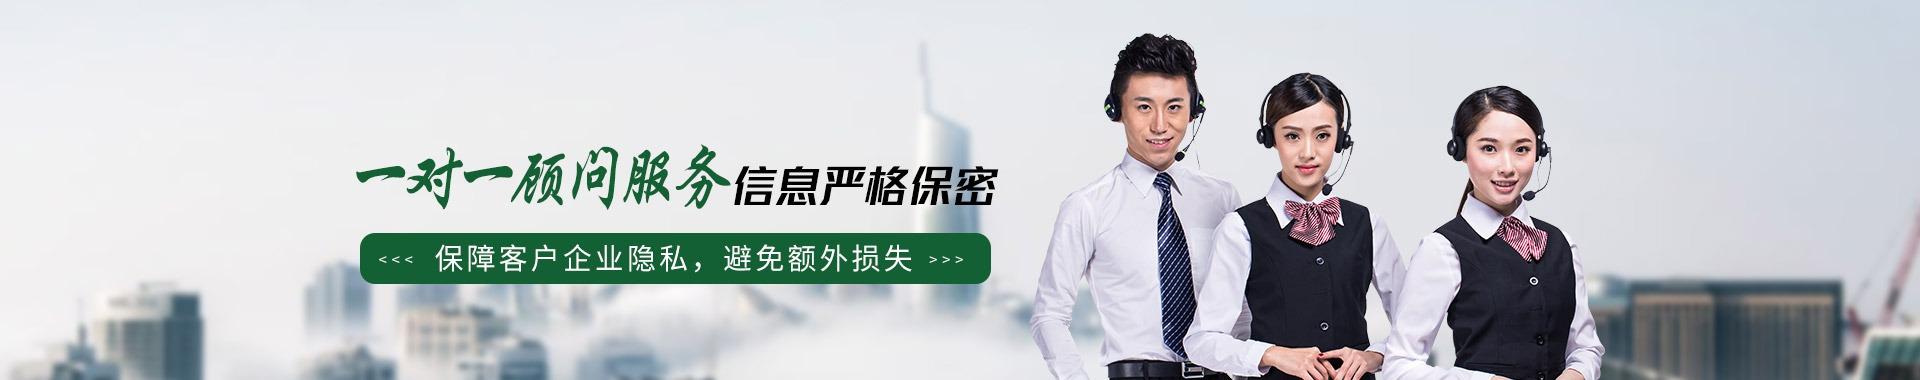 广东省污染治理能力评价证书